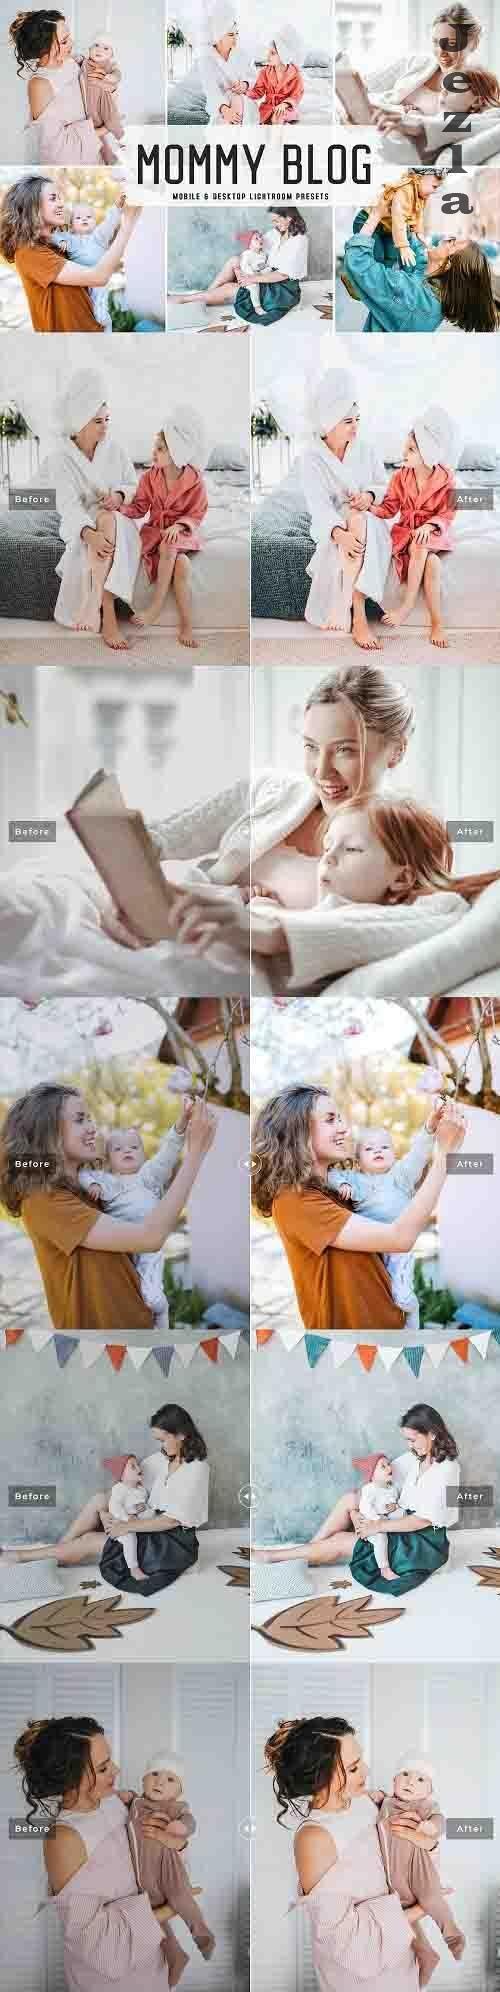 Mommy Blog Pro Lightroom Presets - 6221732